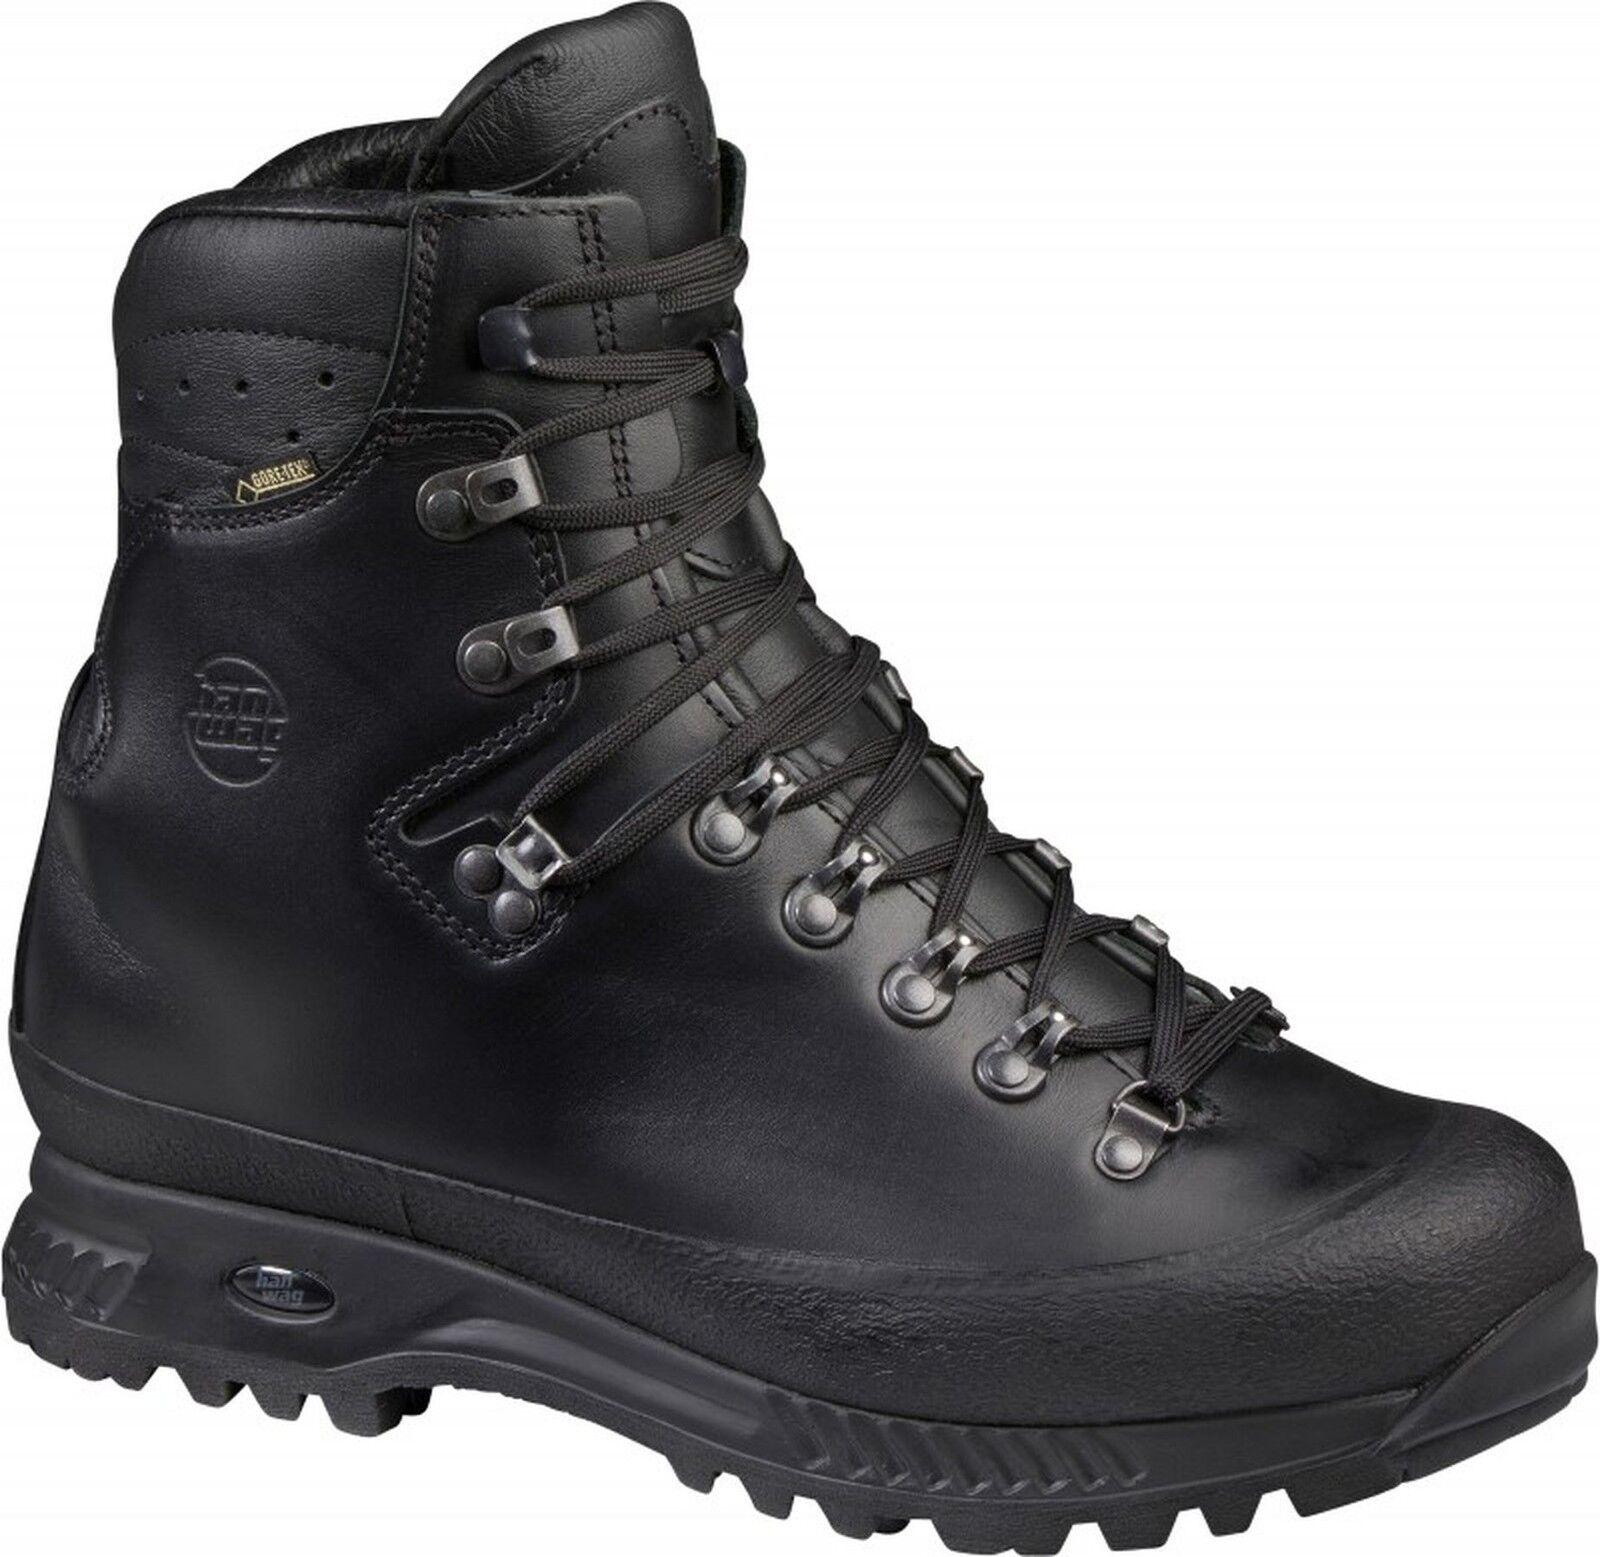 Hanwag trekking & Bundeswehr clásico Alaska GTX Men tamaño 11 - 46 negro